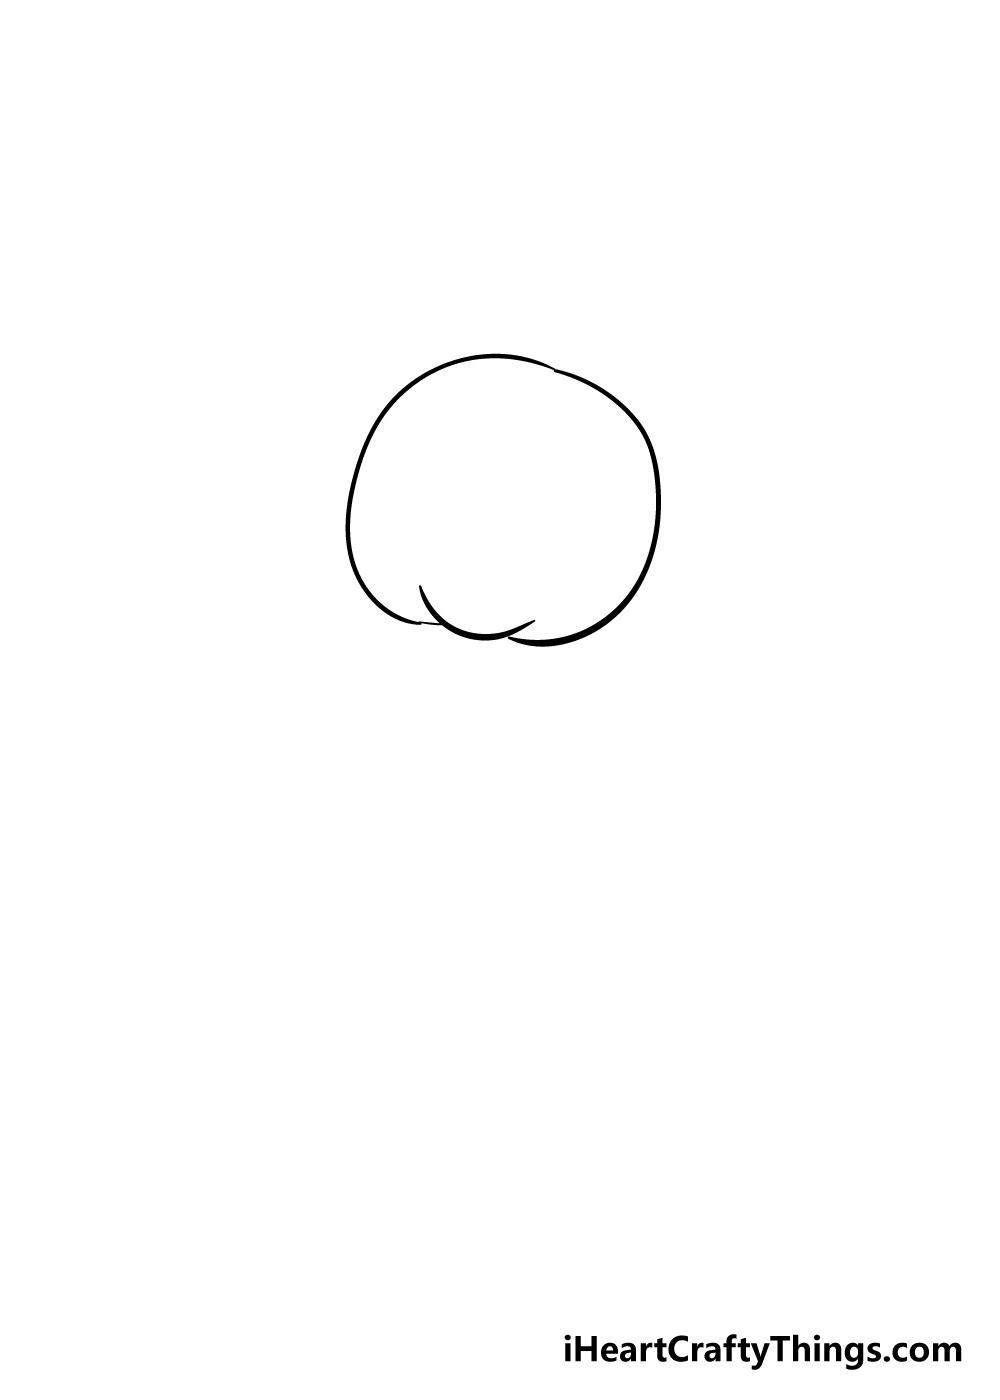 teddy bear drawing step 1